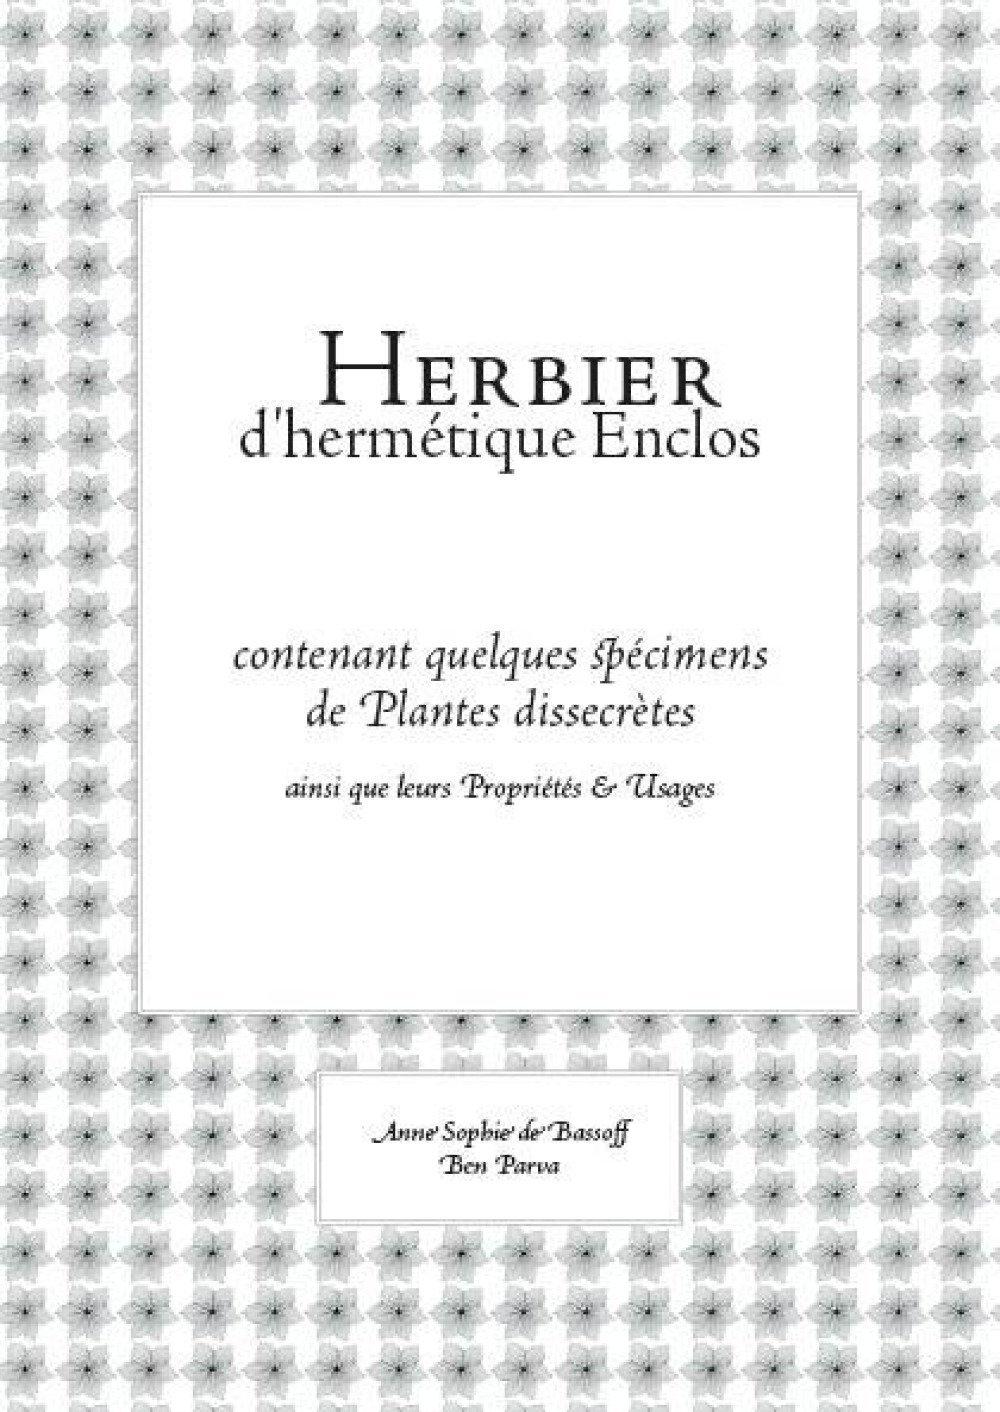 L'herbier d'hermétique enclos